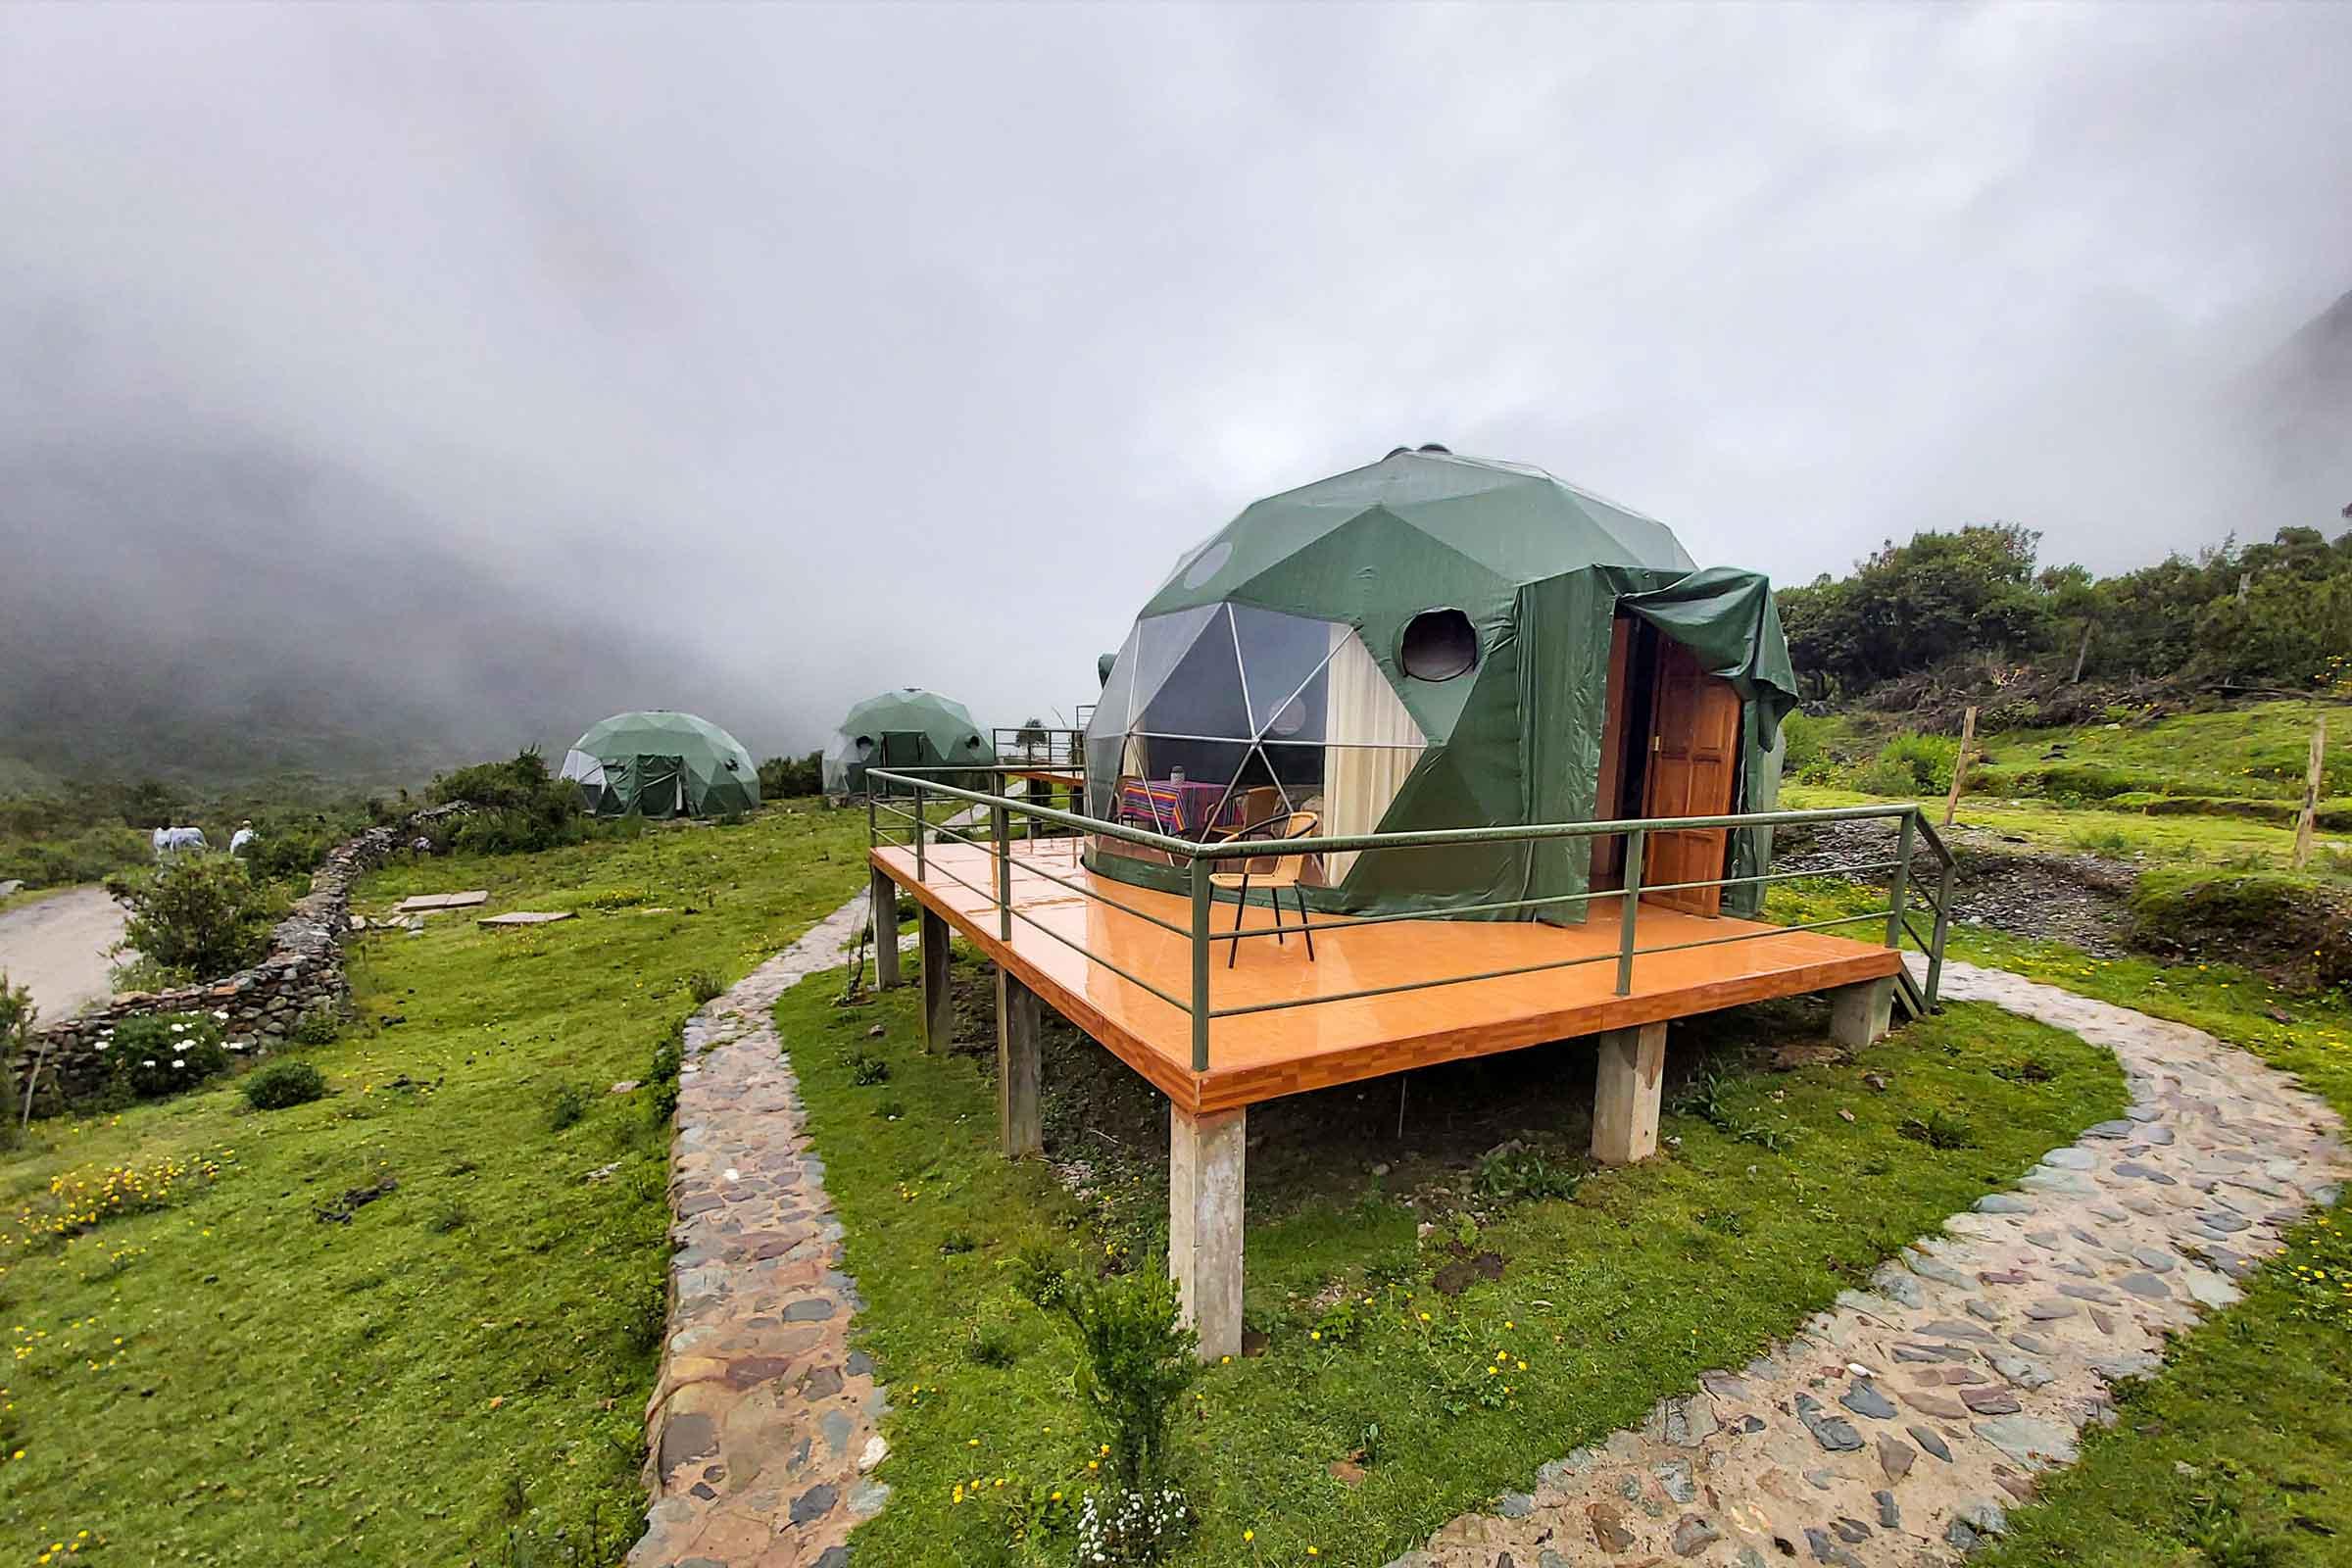 Salkantay and Humantay Sky Lodge Dome